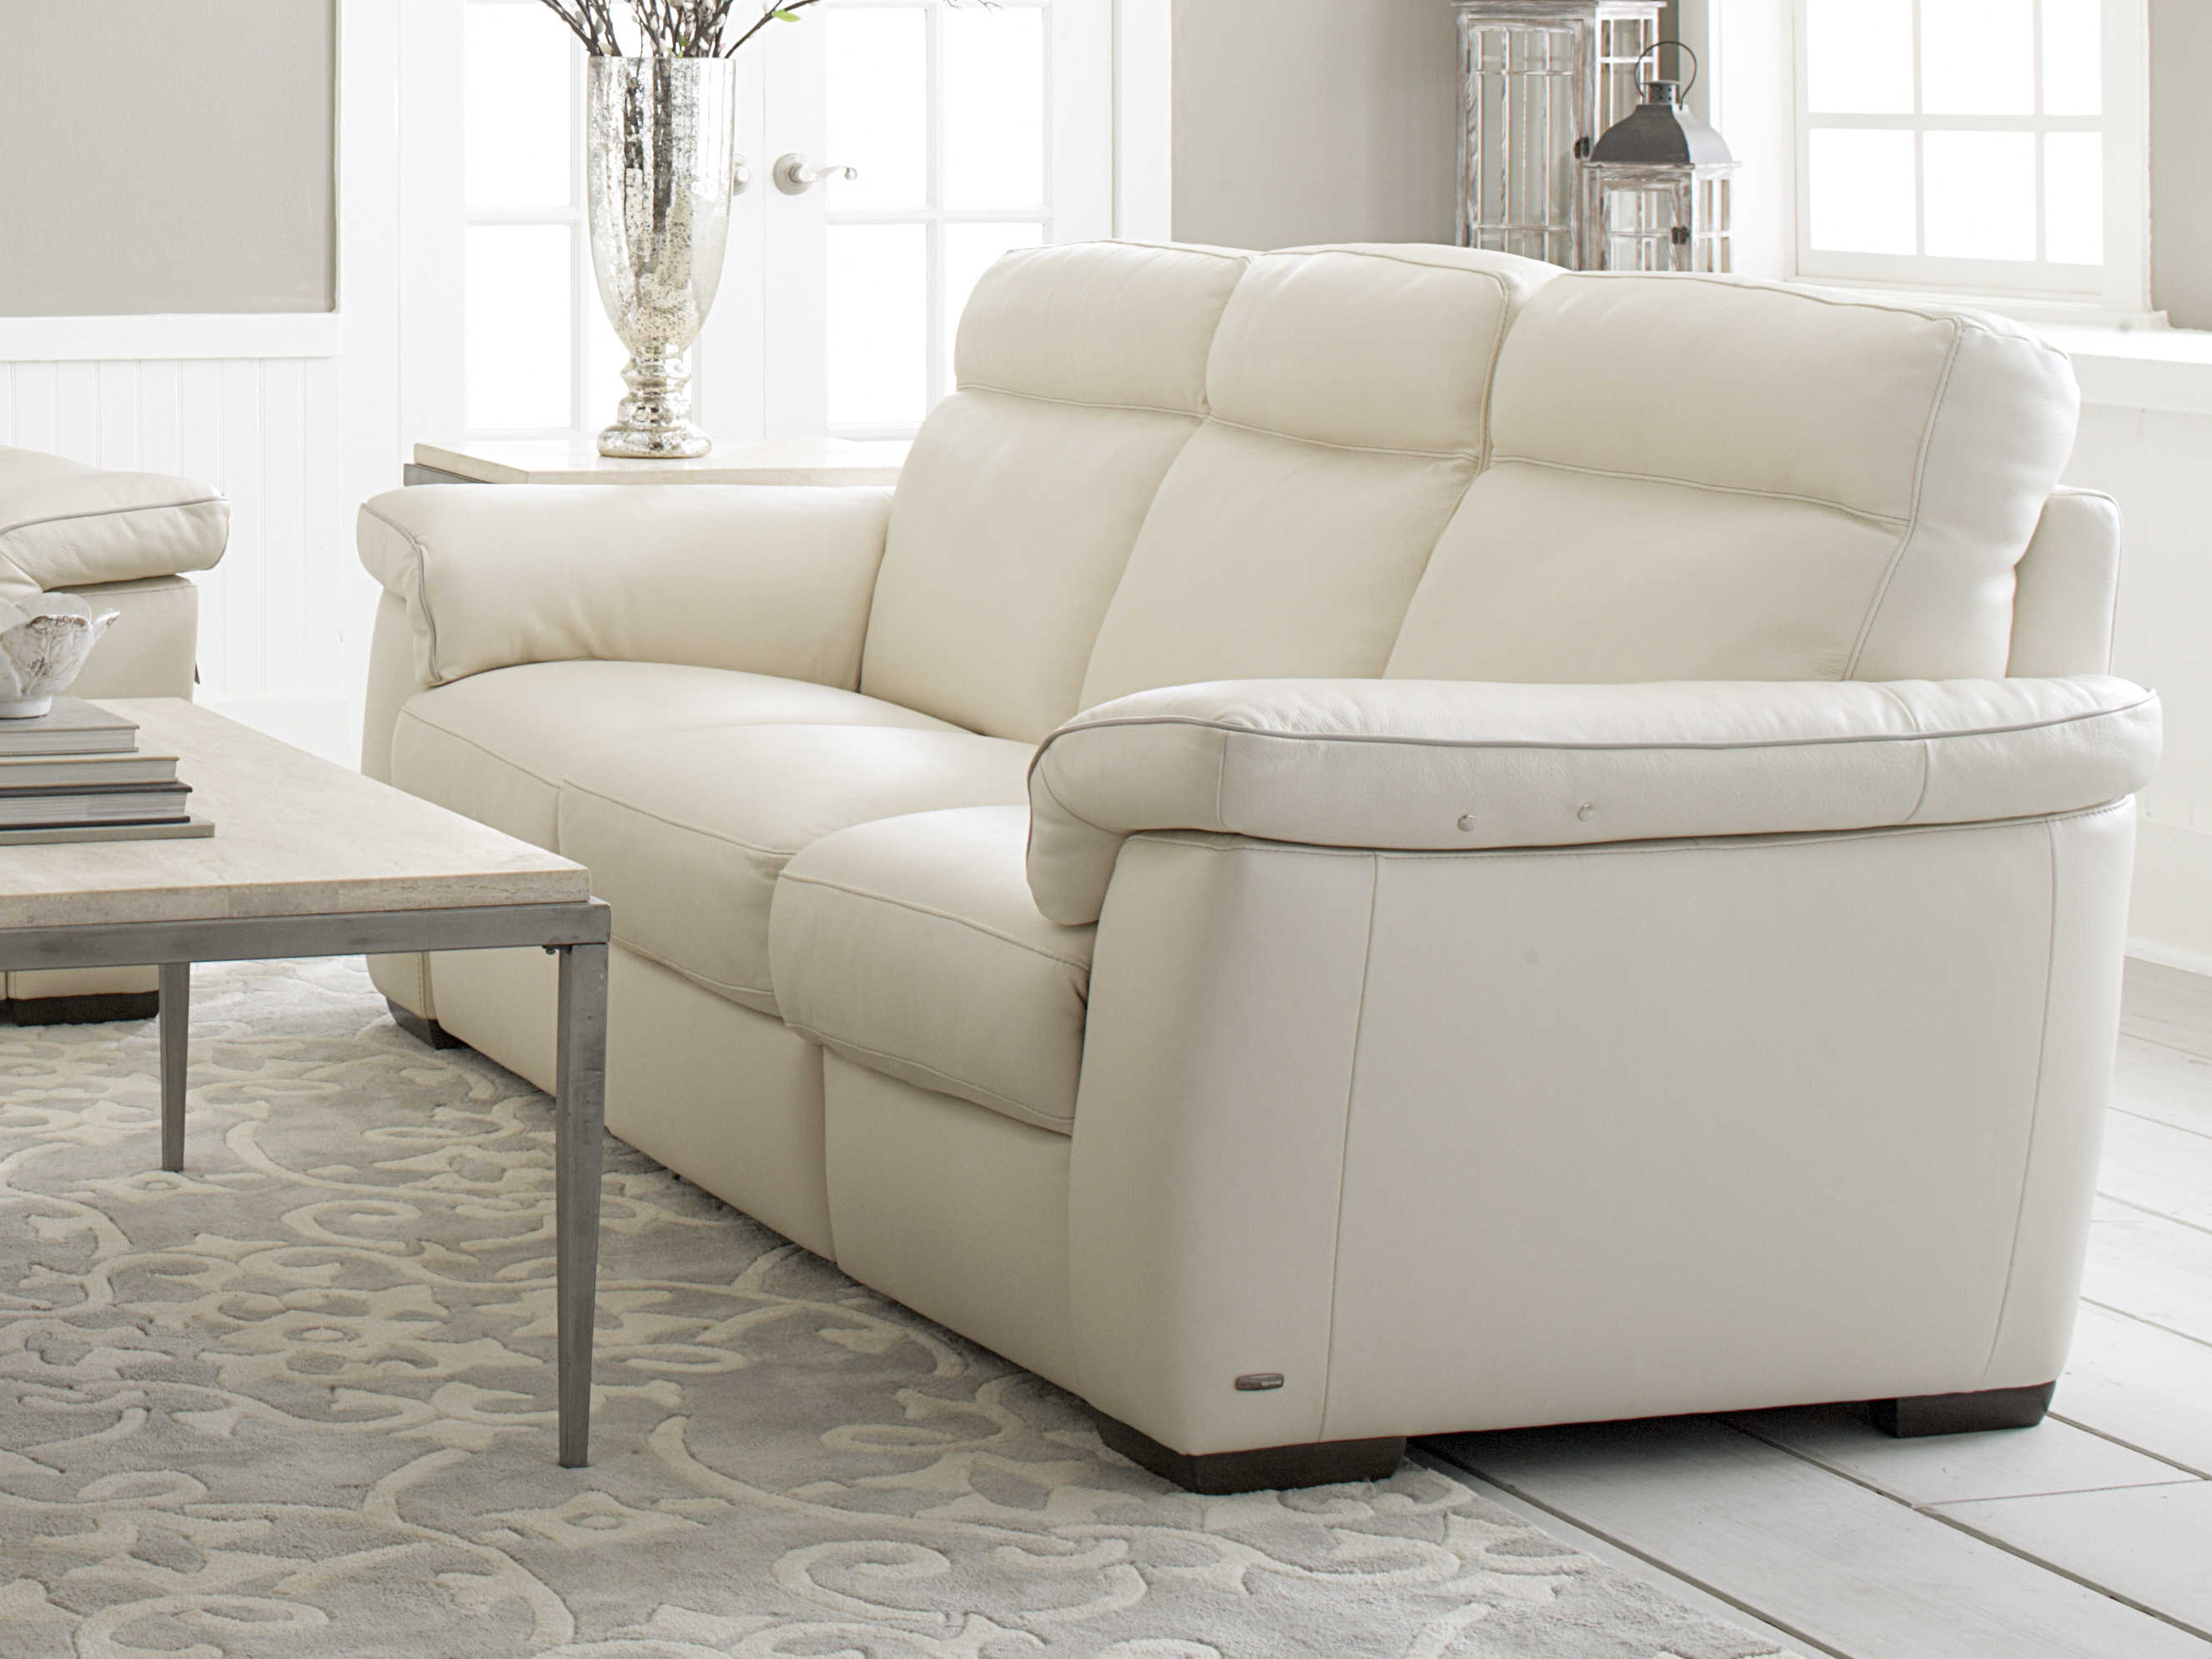 Natuzzi Editions Brivido Sofa Couch   NTZB757064